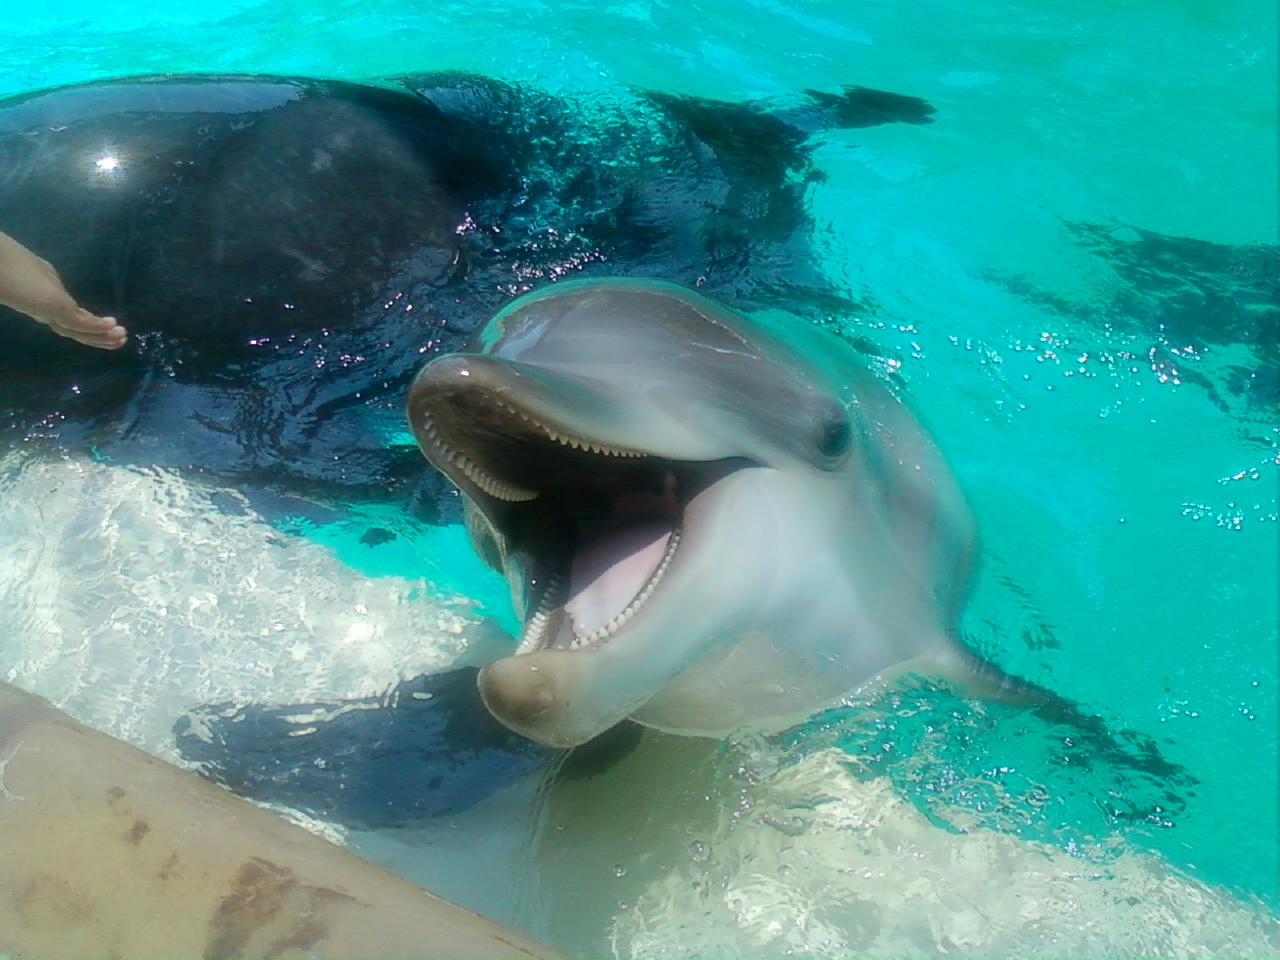 Happy dolphin say ahh